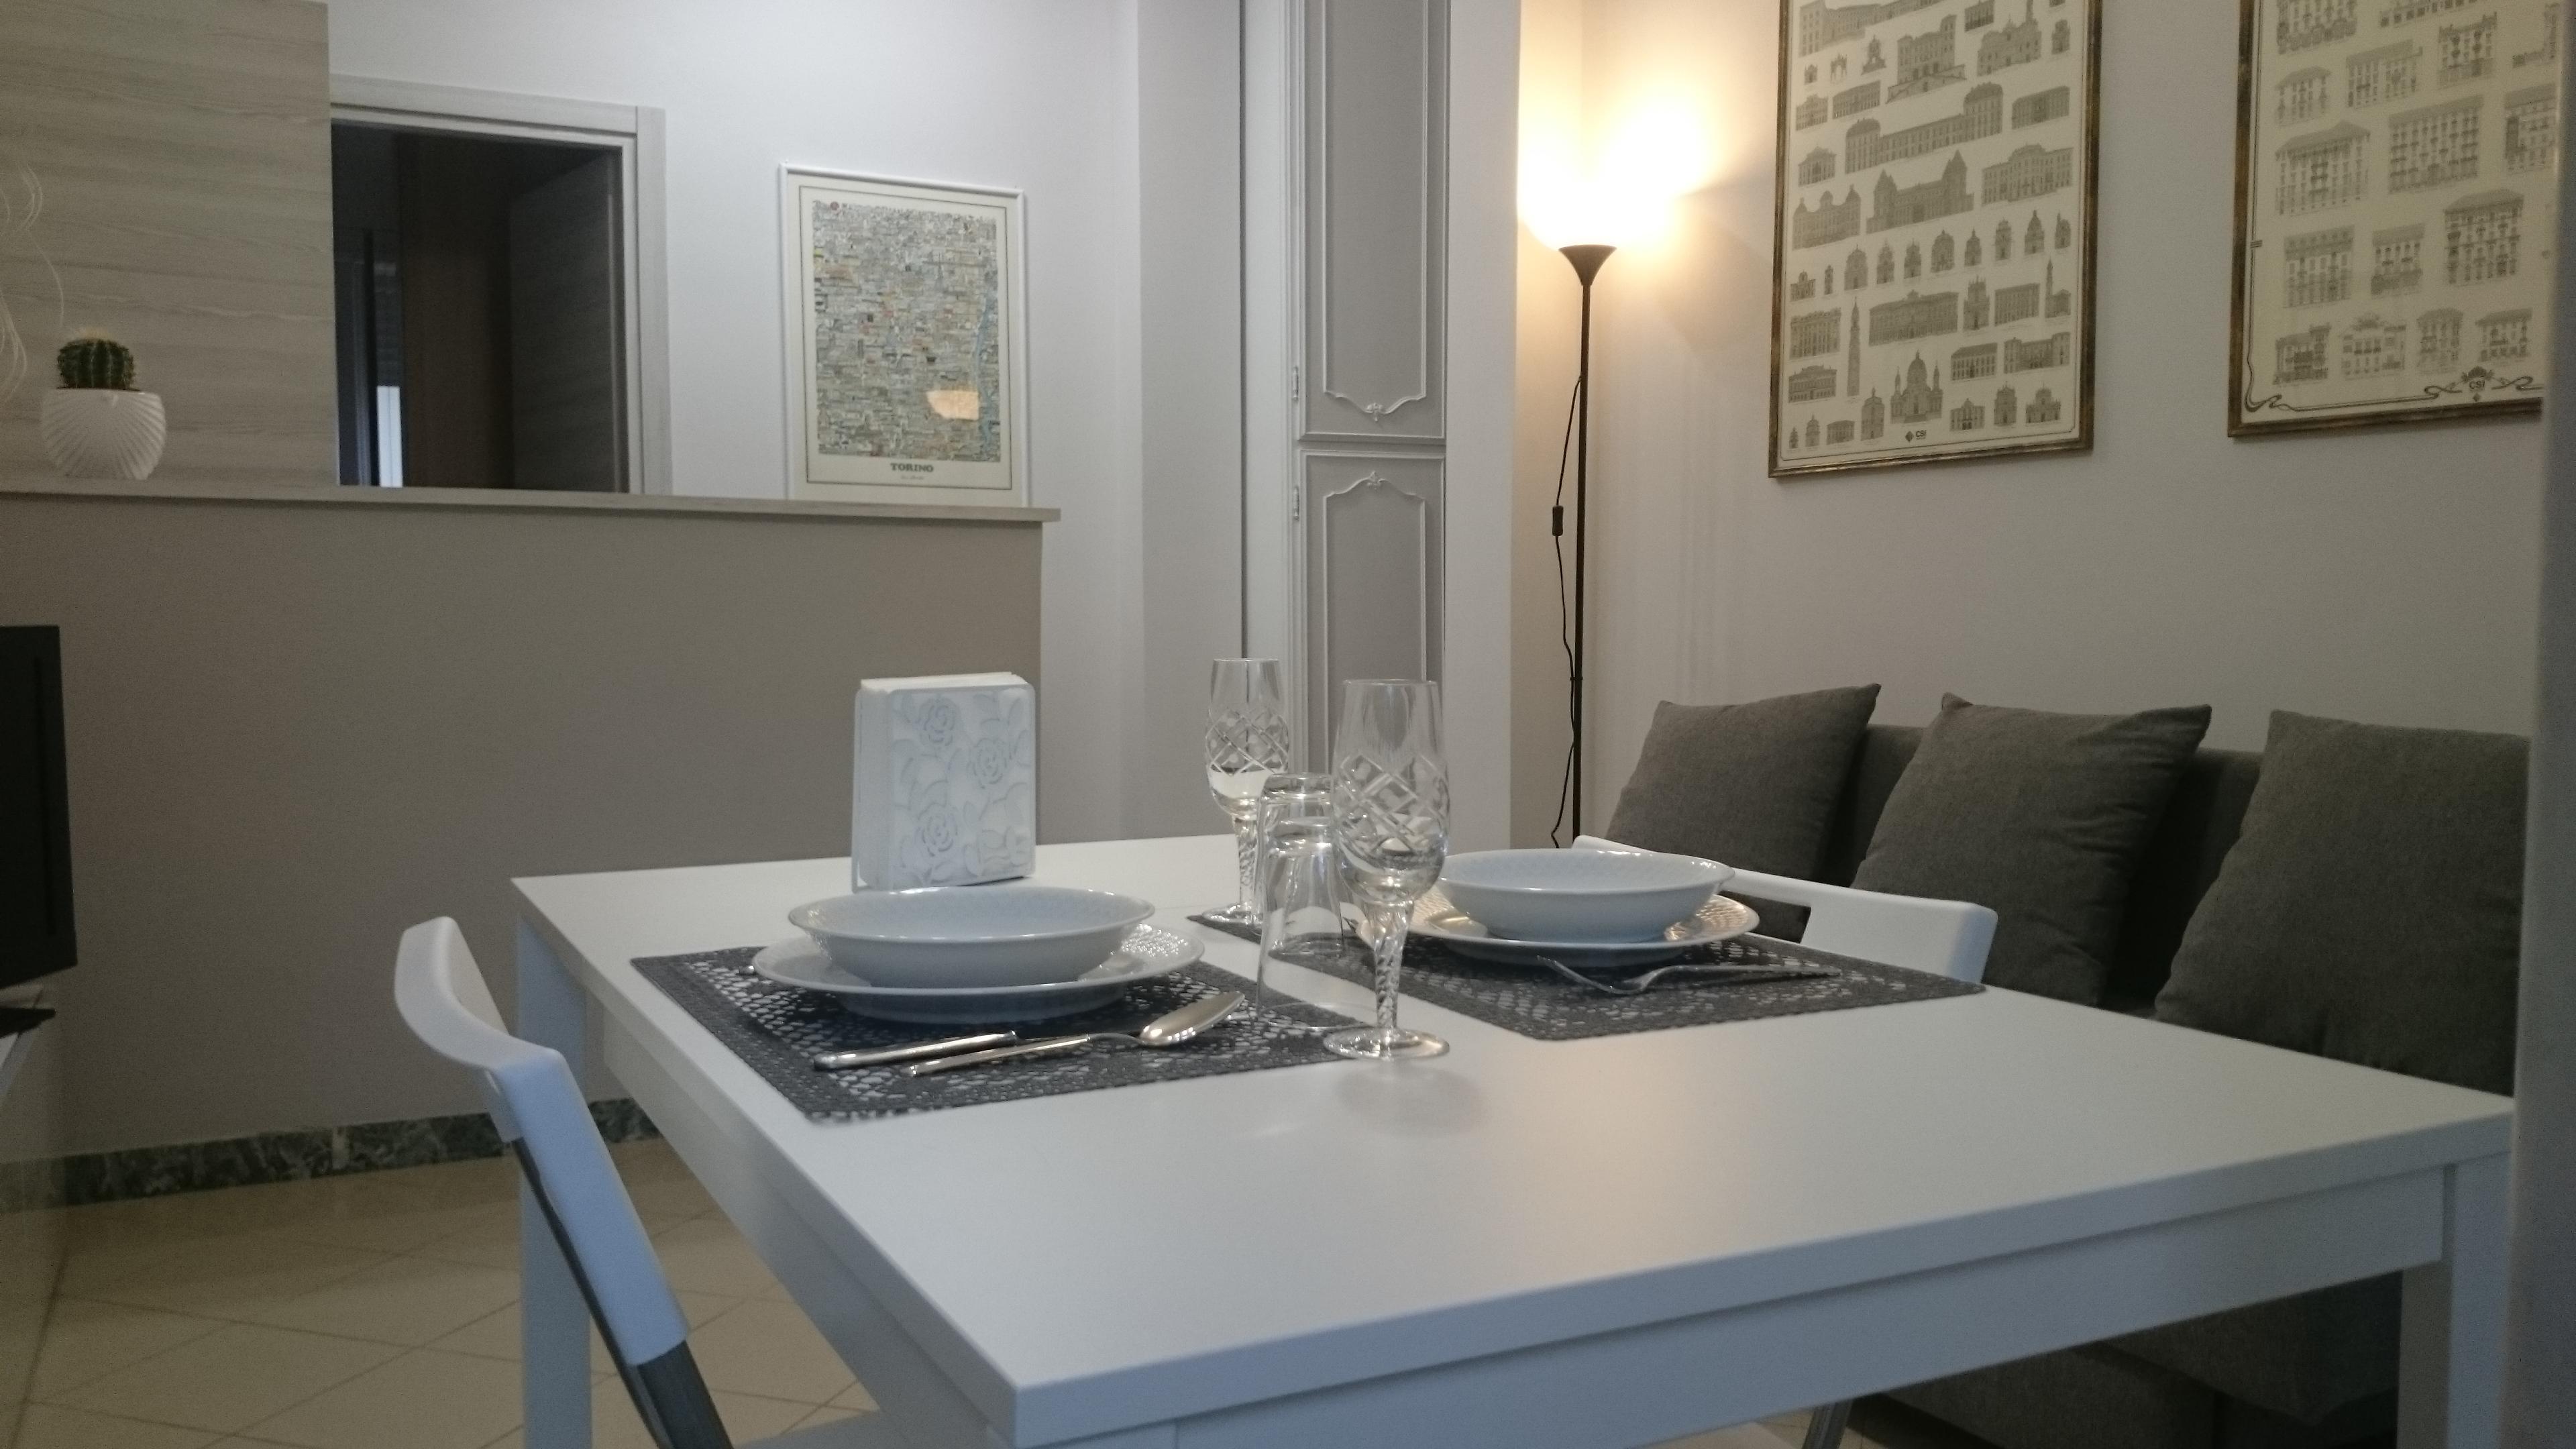 Divano Letto 2 Posti Torino.River House Torino Apartments For Rent In Torino Piemonte Italy